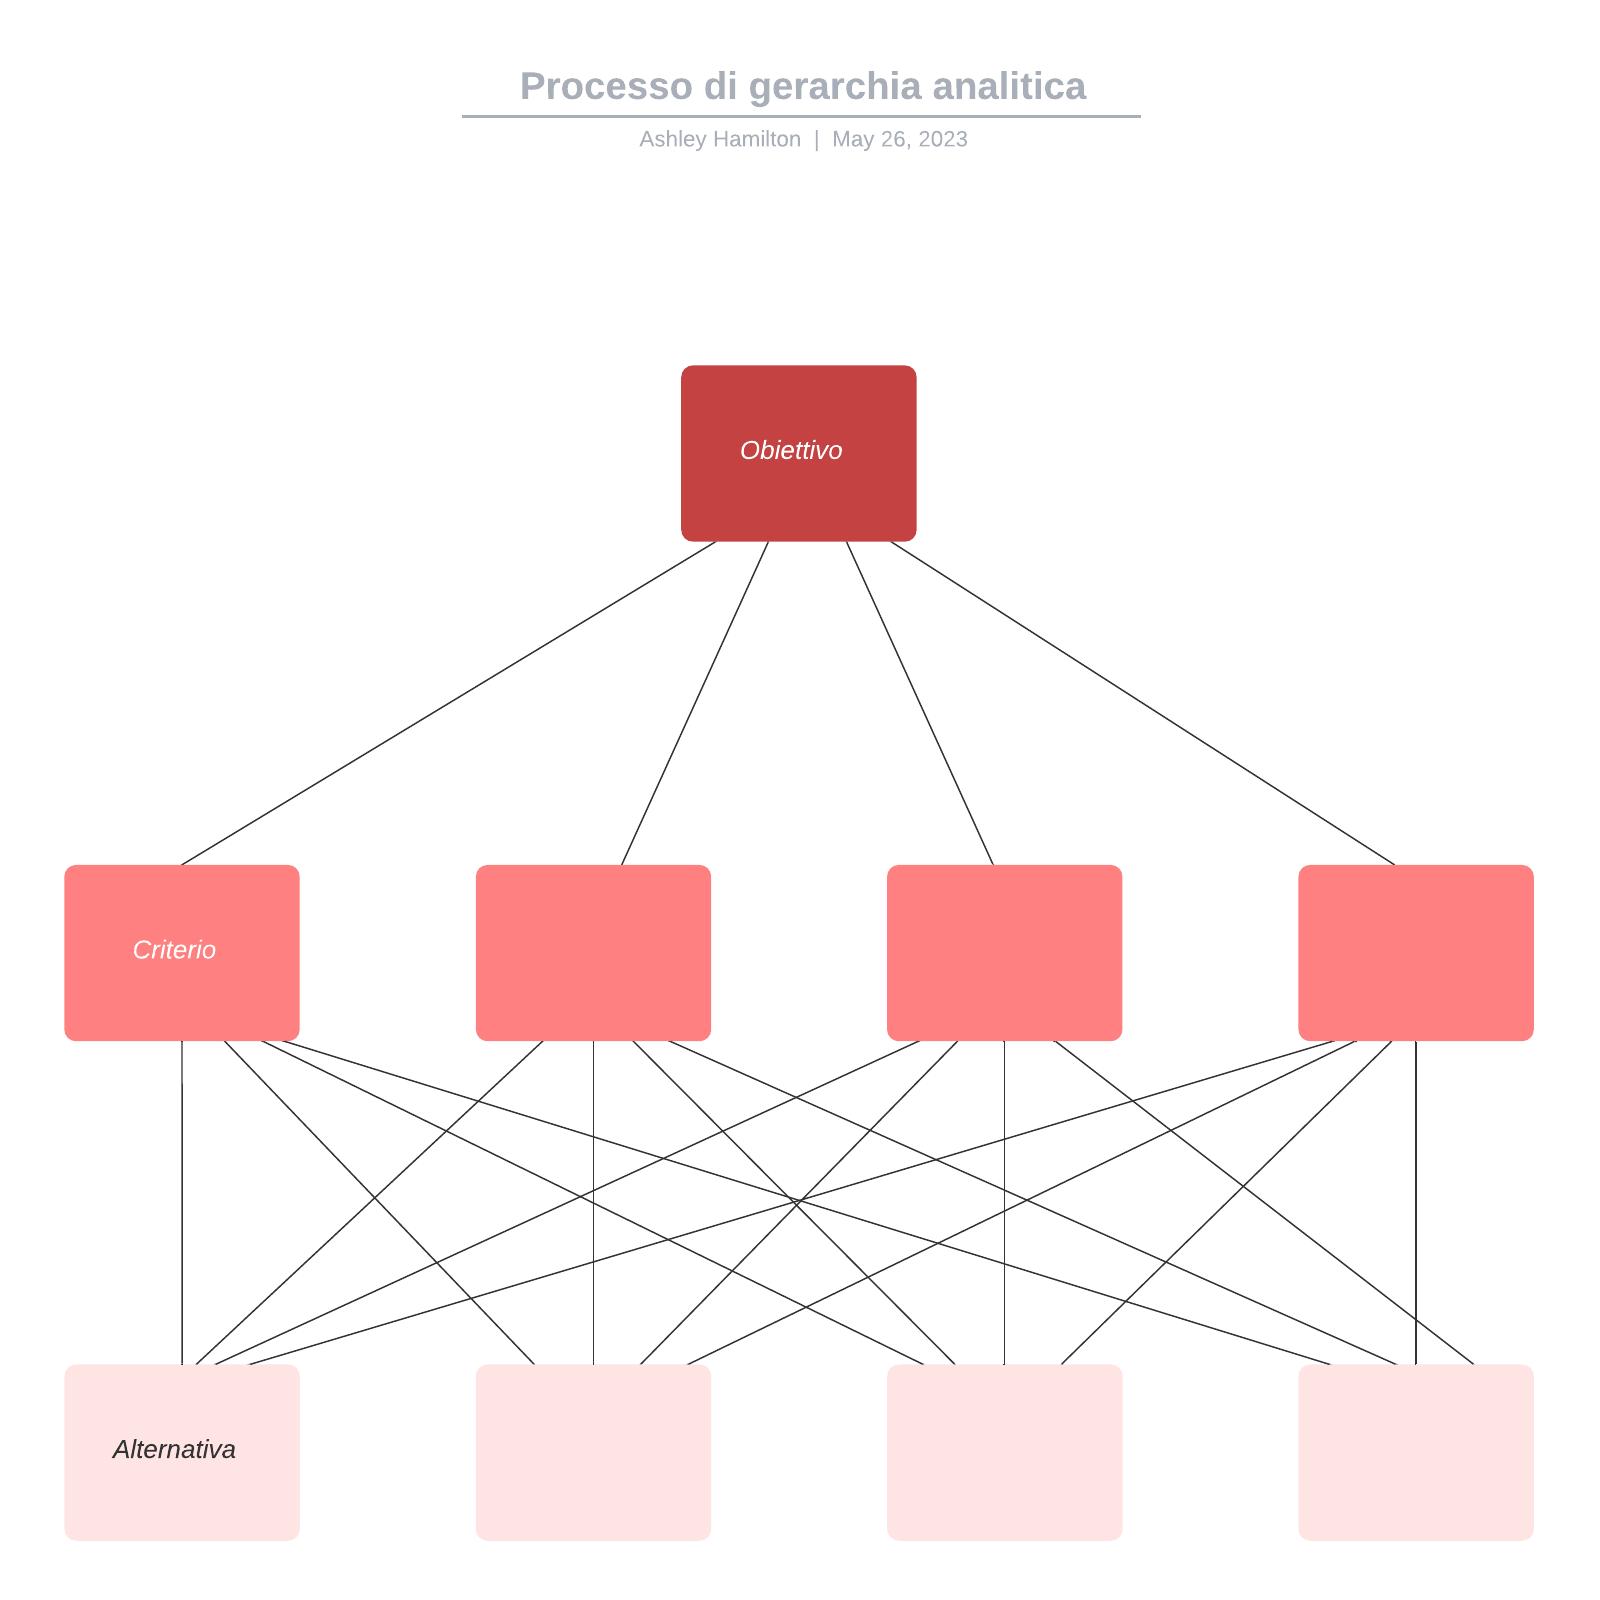 Processo di gerarchia analitica